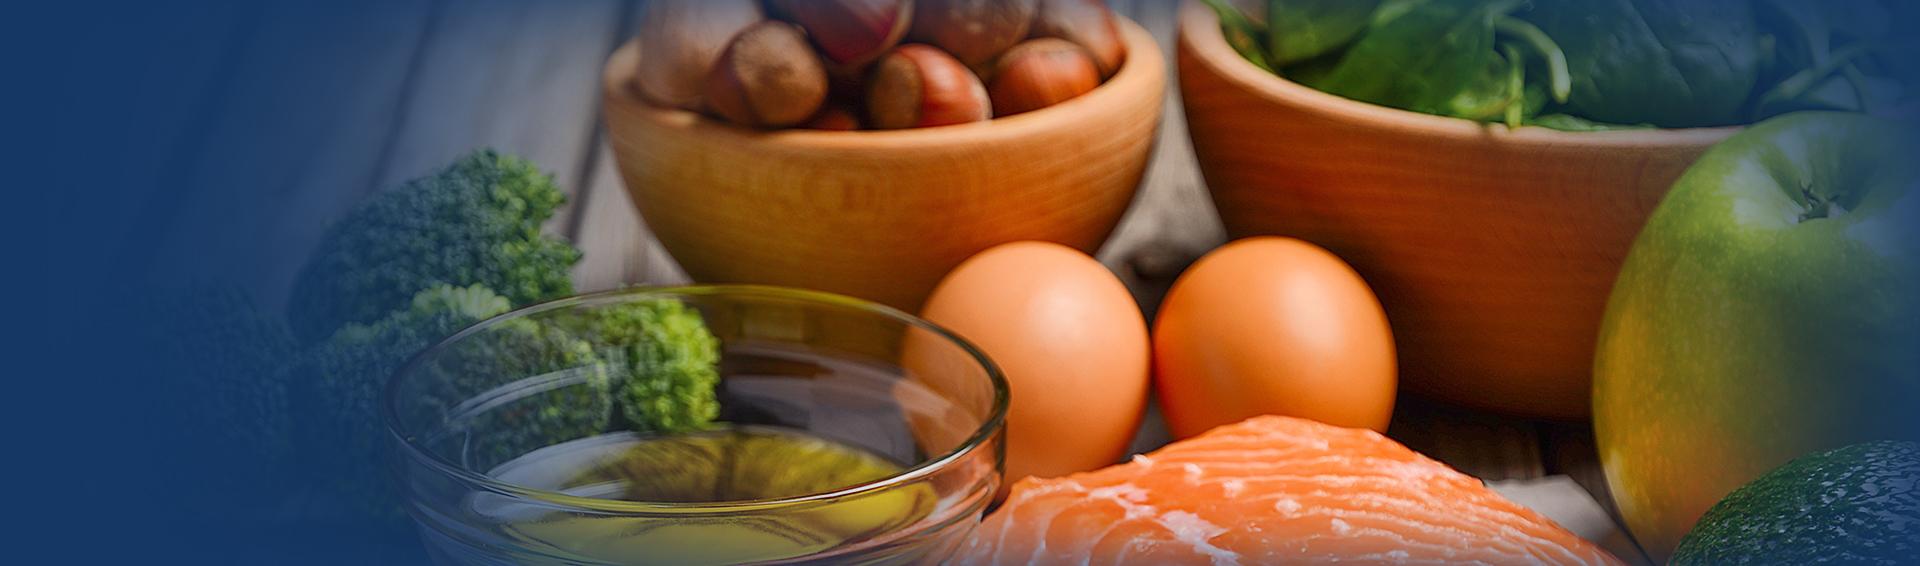 Elmanın Beslenmedeki Önemi ve Faydaları